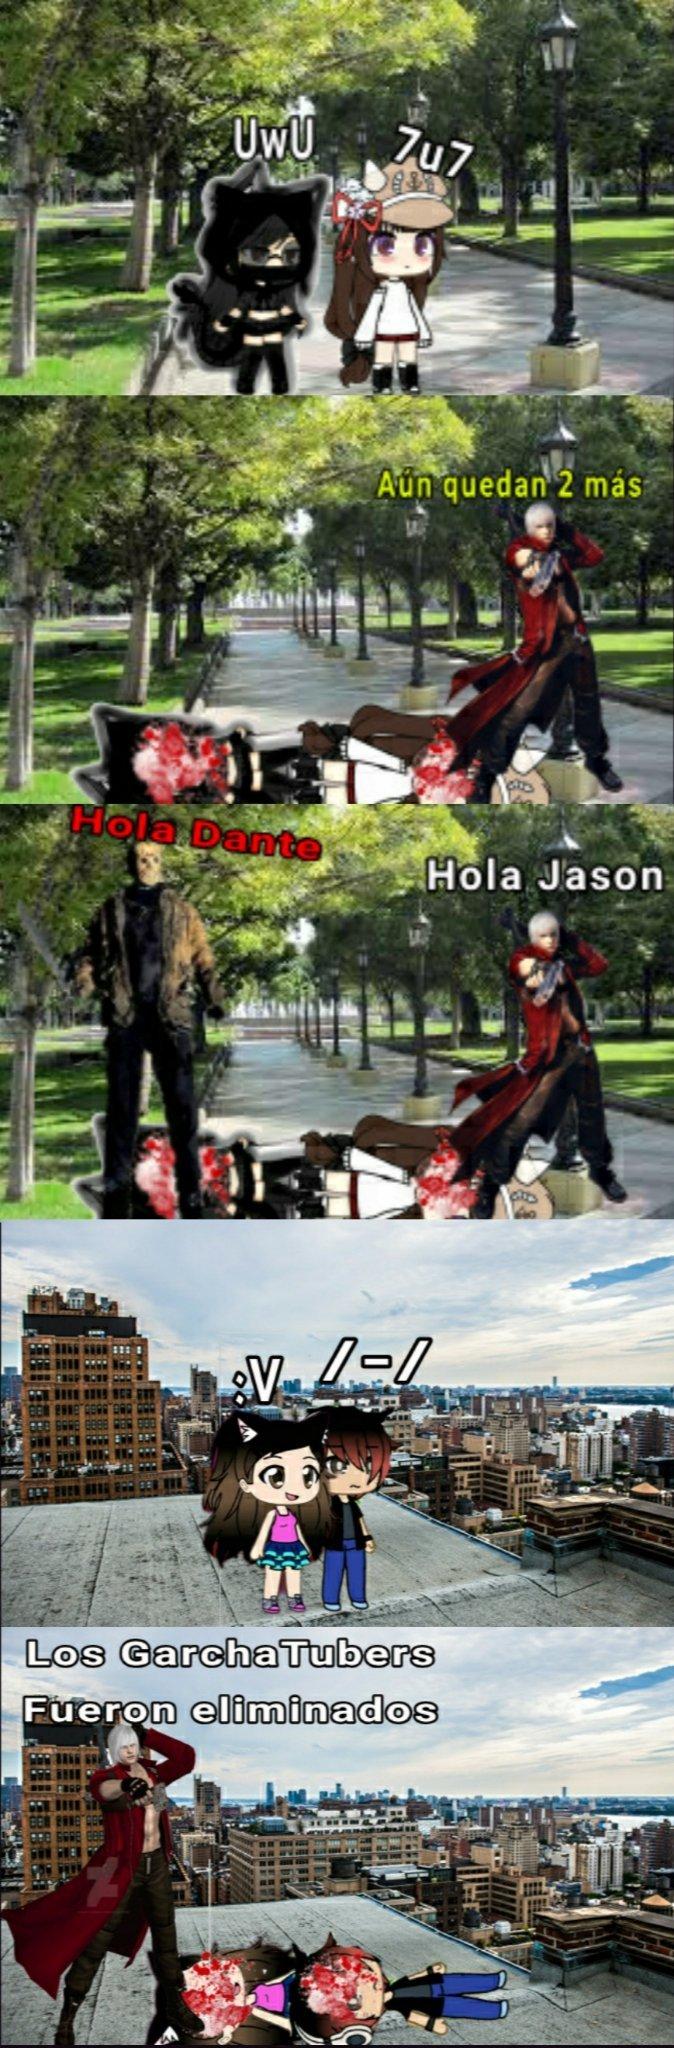 Dante vs GarchaTubers 3 - meme